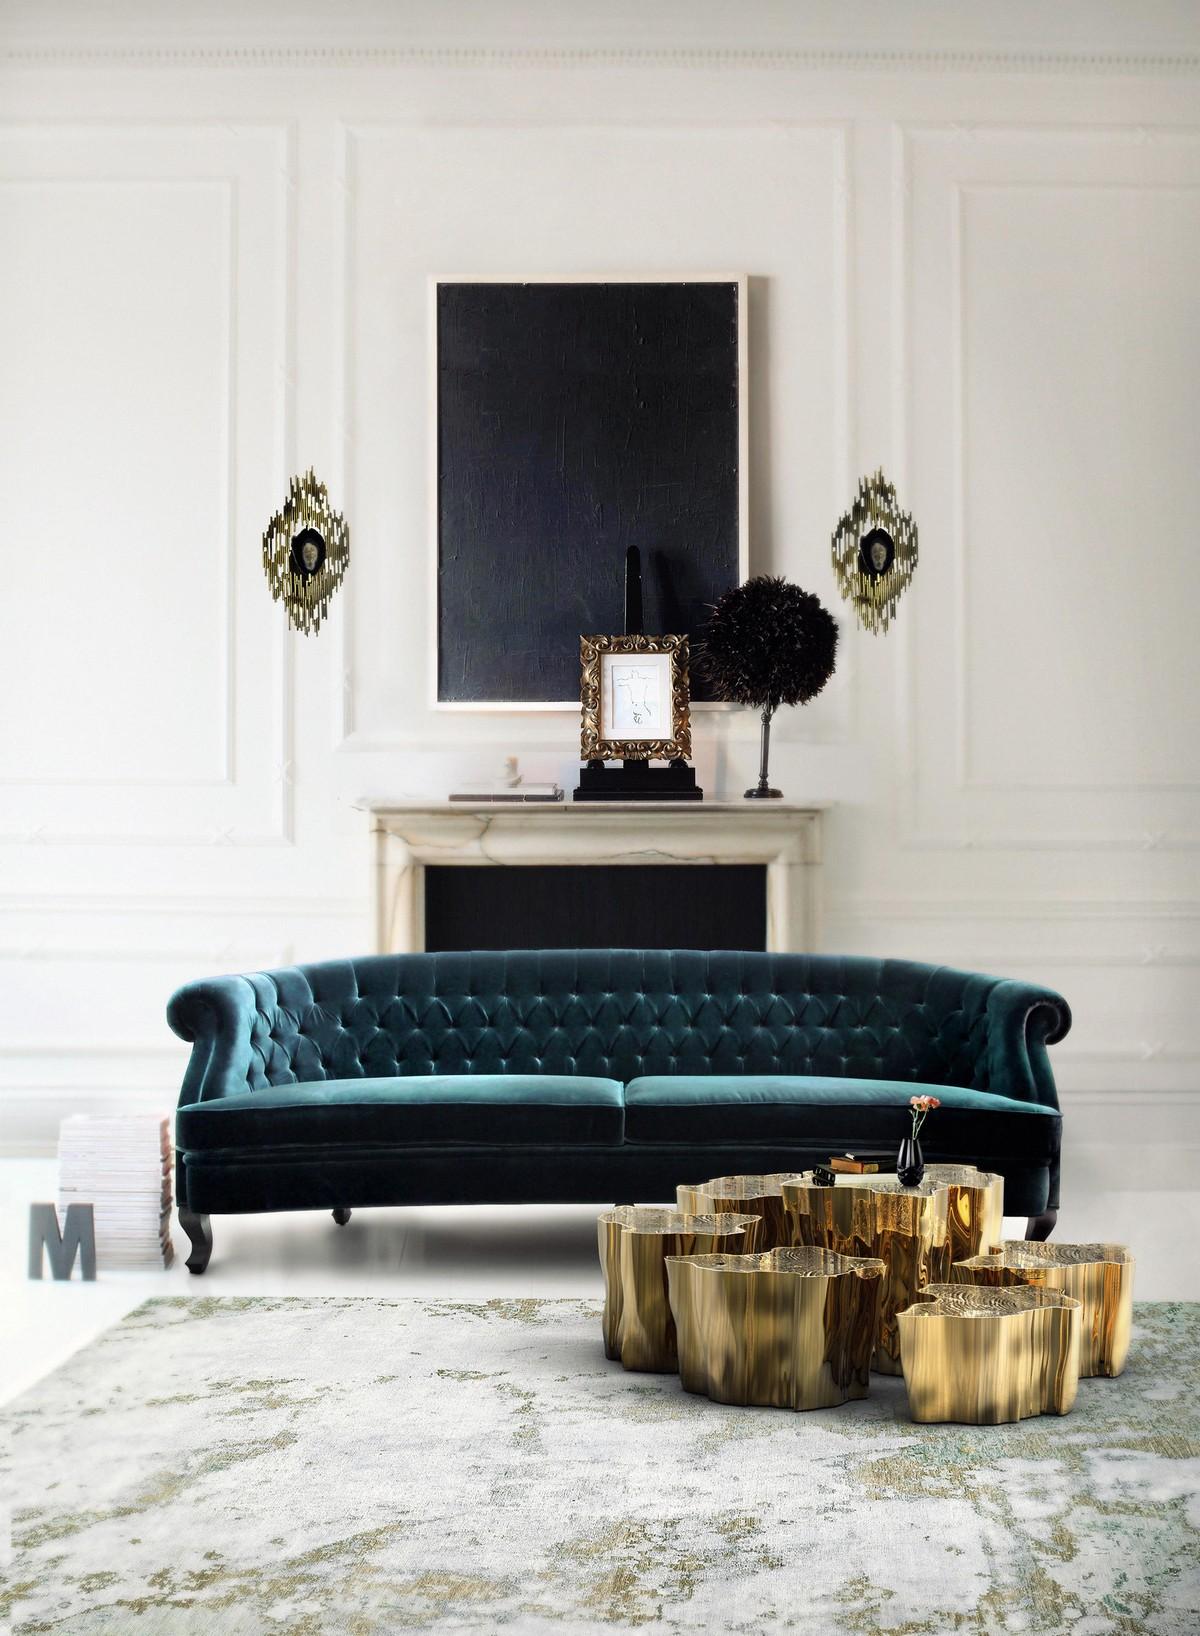 Covet House Maison et objet 3  Selection of Some Most Awaited Brands for Maison et Objet eden 1 h